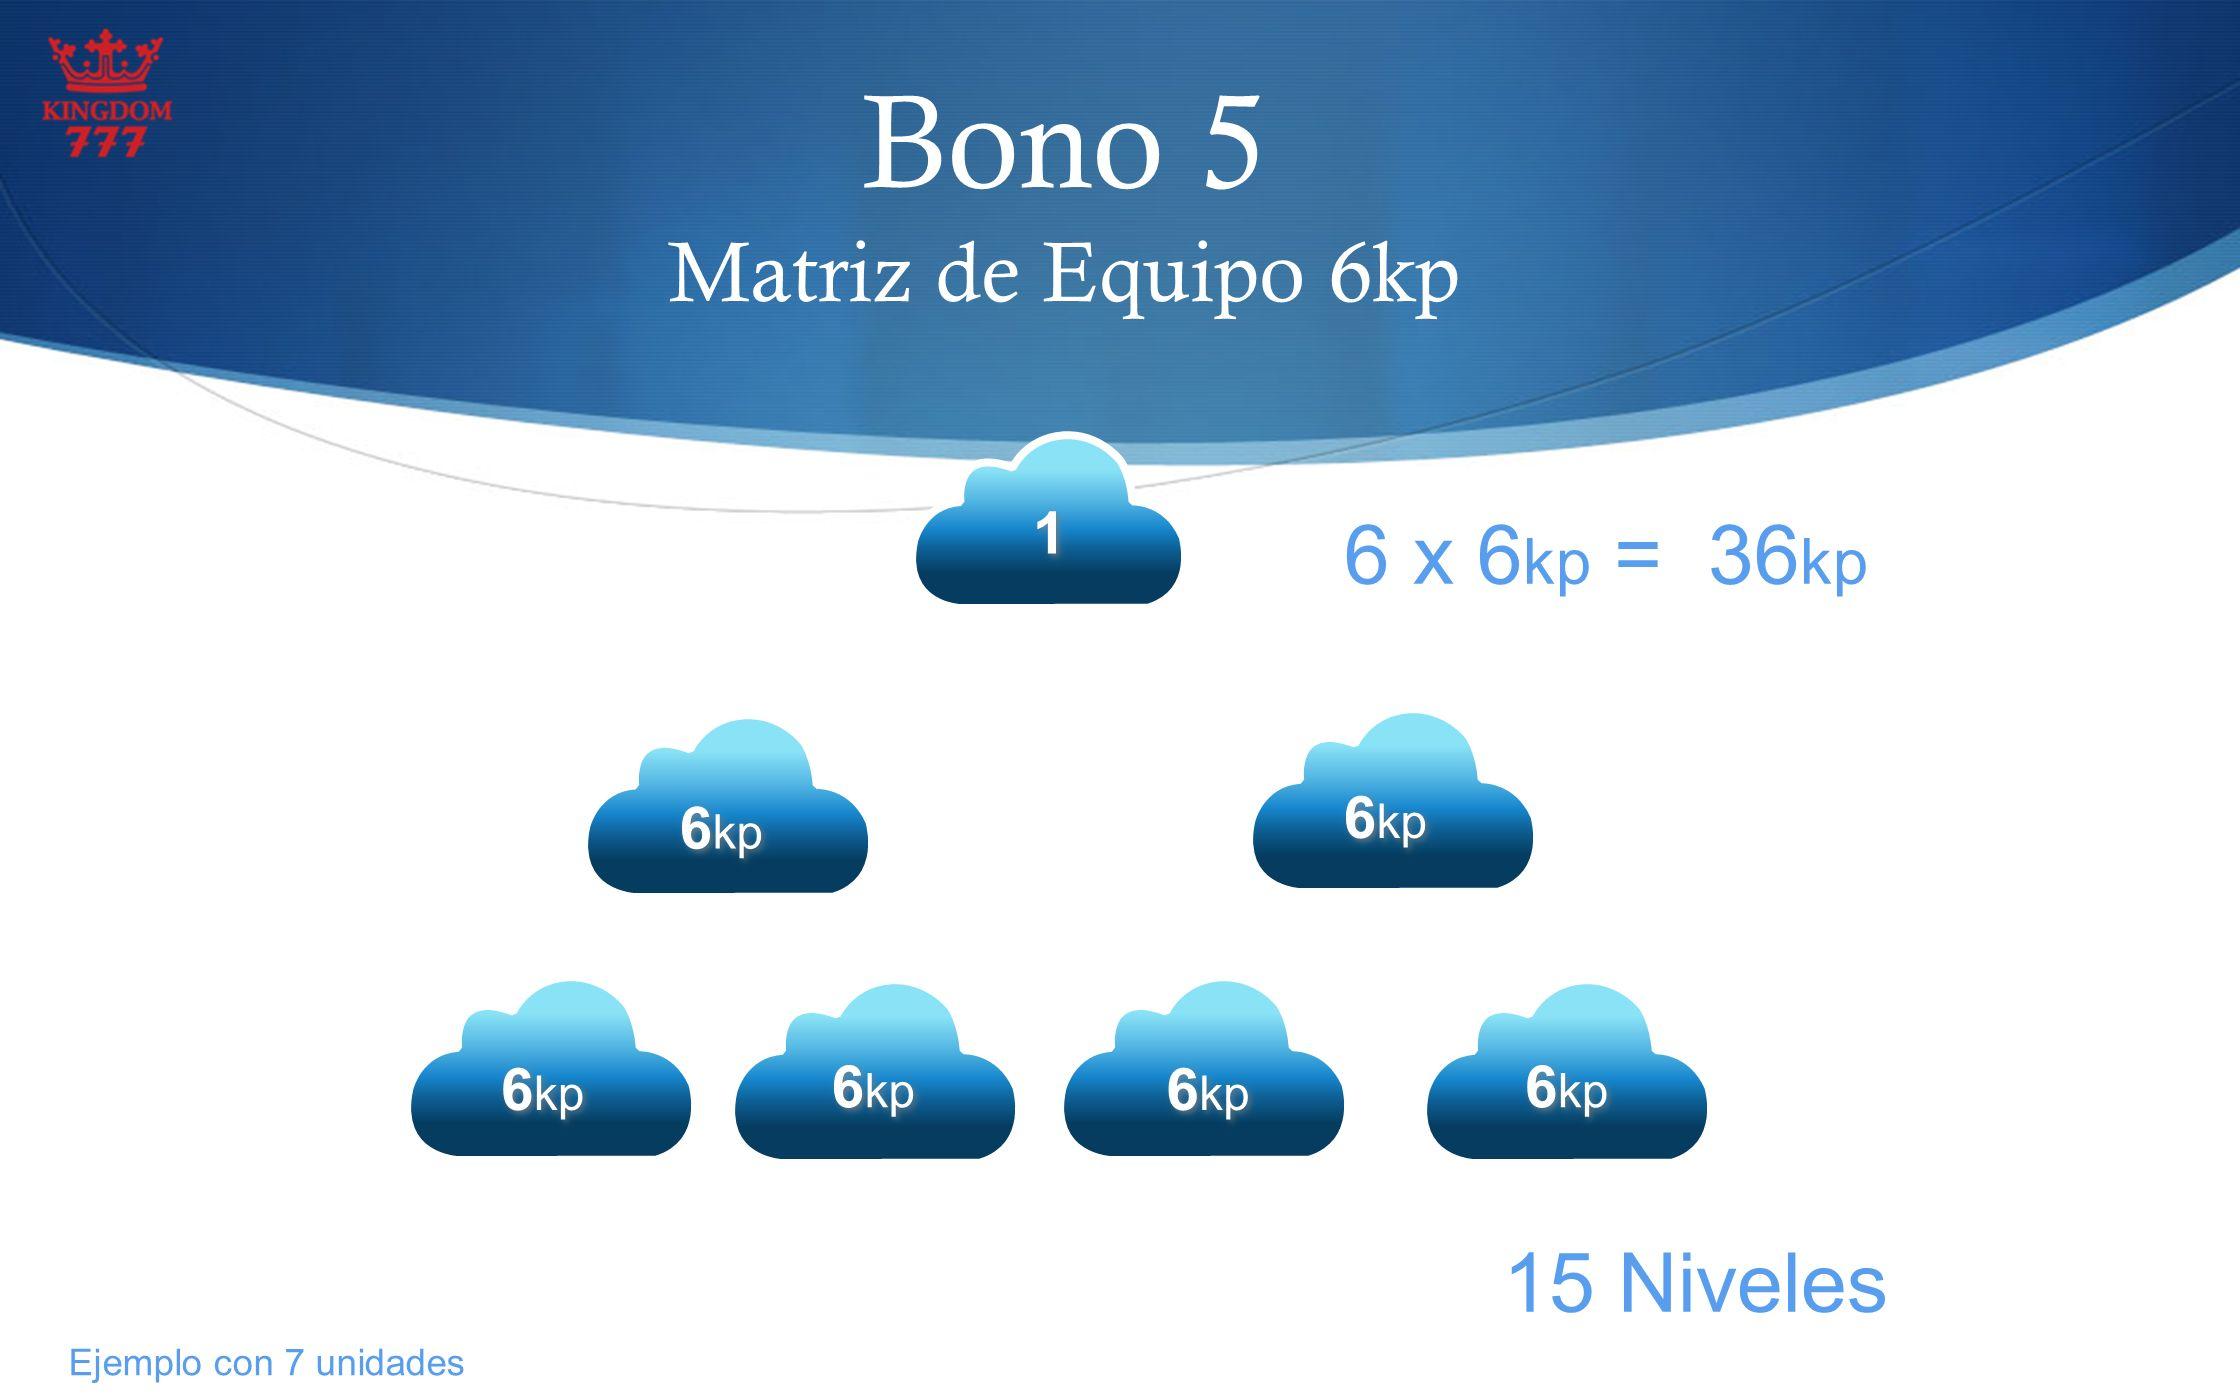 Bono 5 Matriz de Equipo 6kp